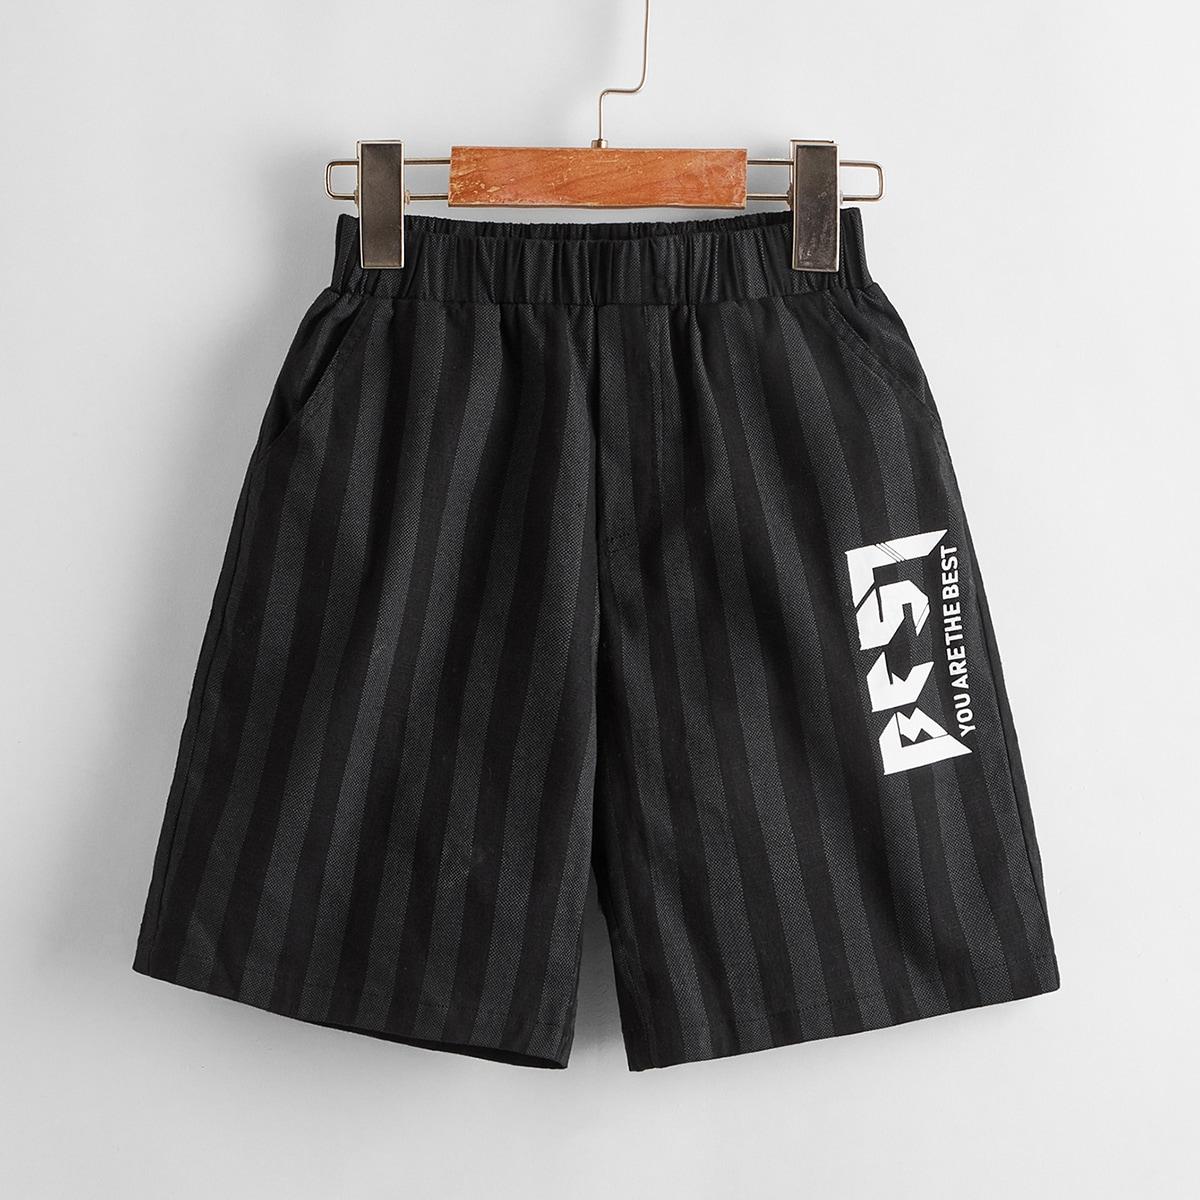 Полосатые шорты с текстовым принтом для мальчиков от SHEIN